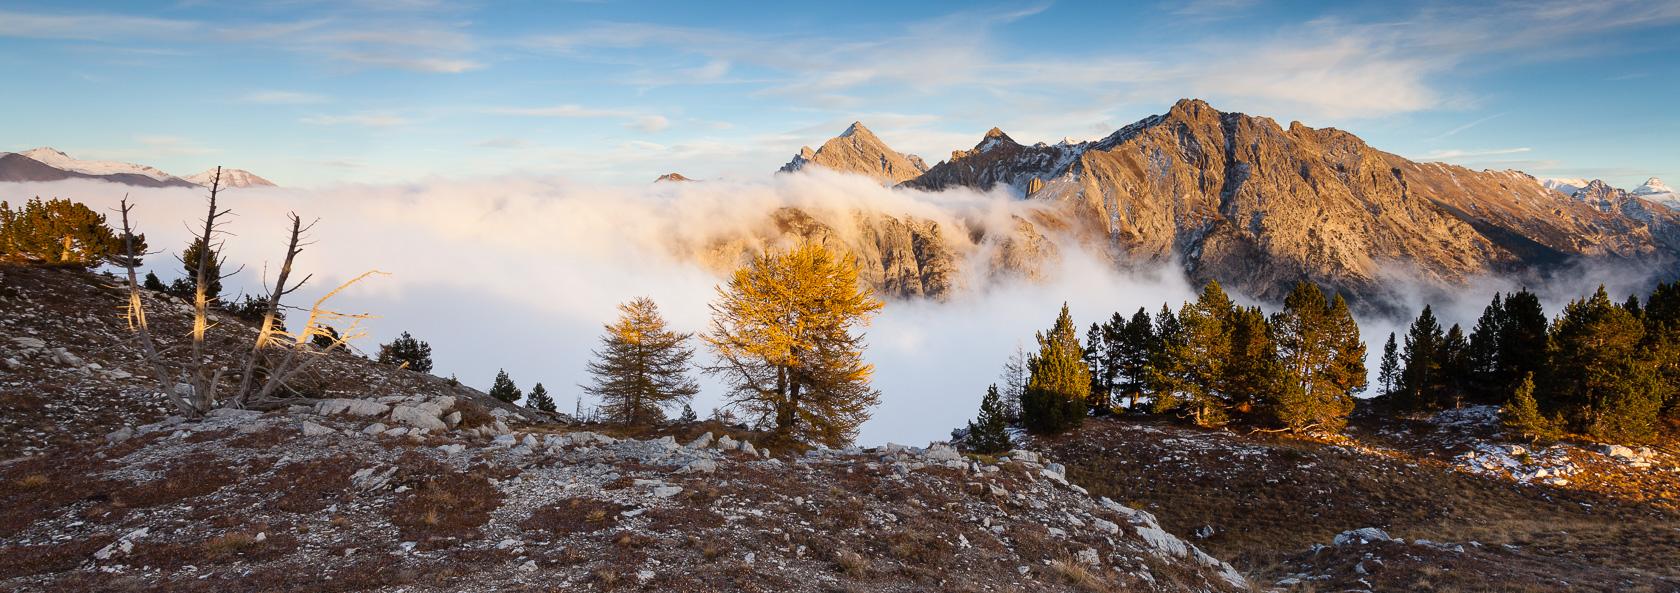 Sommet du Guiau à la frontière italienne, dans les Hautes Alpes